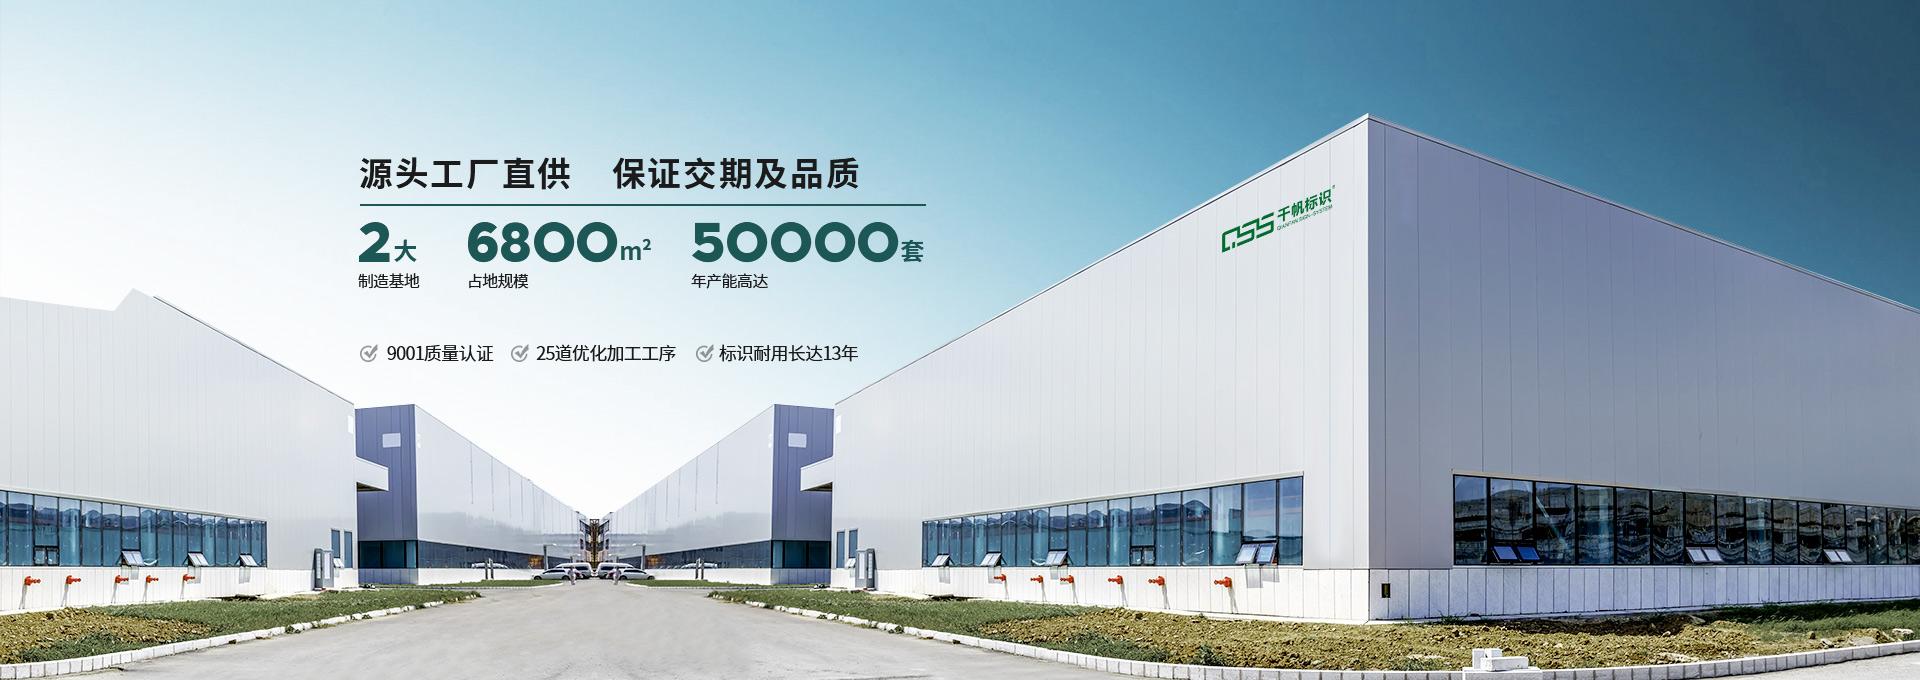 源头工厂直供 保证交期及品质  乐虎国际电子娱乐2大制造基地   6800㎡占地规模